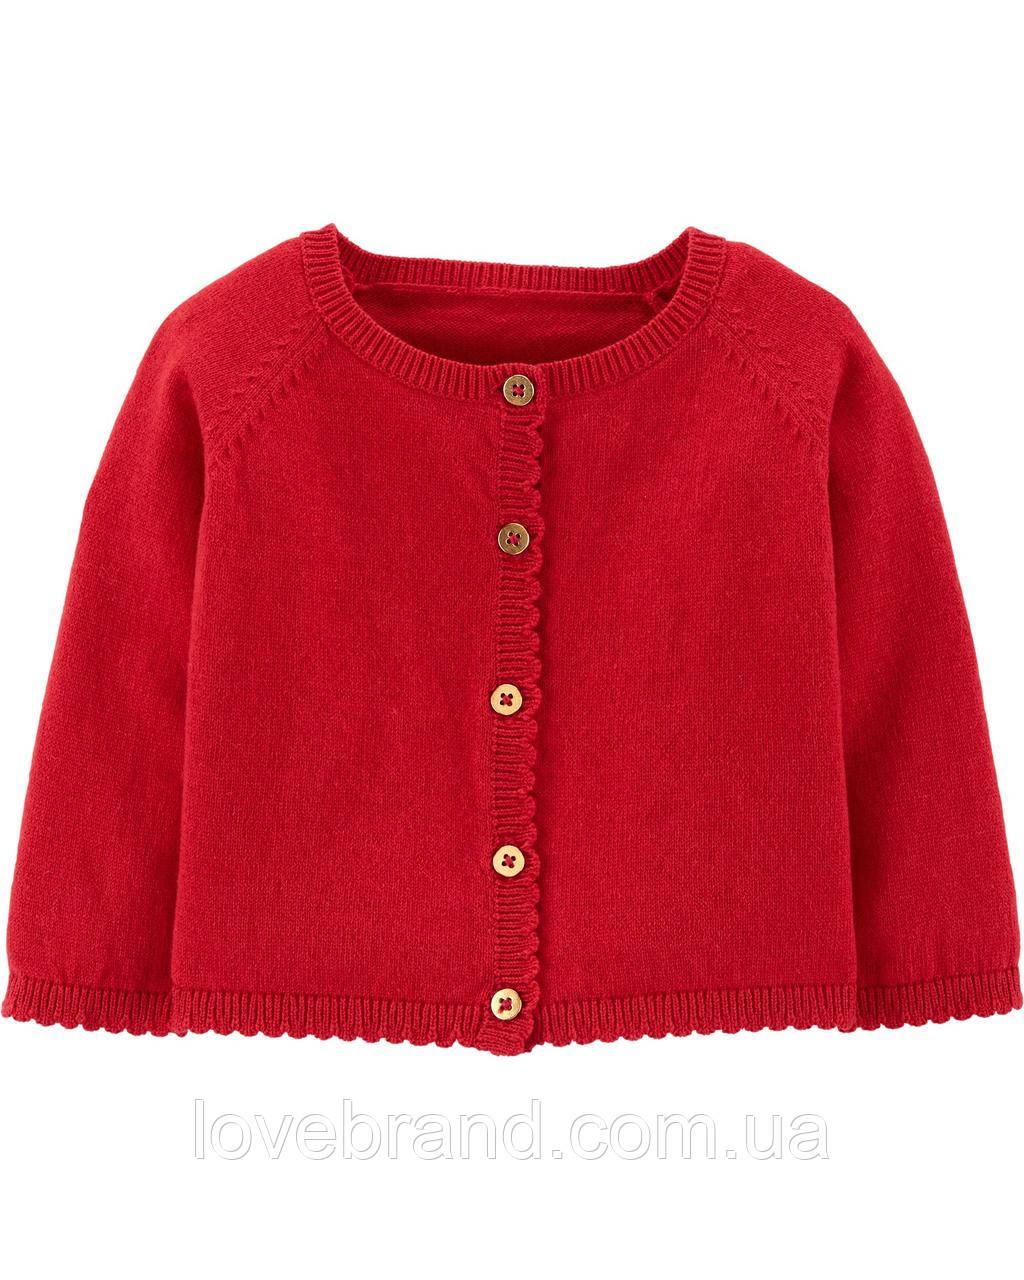 Кофточка болеро на пуговицах для девочки Carter's вязка под платье красная 12 мес/72-78 см